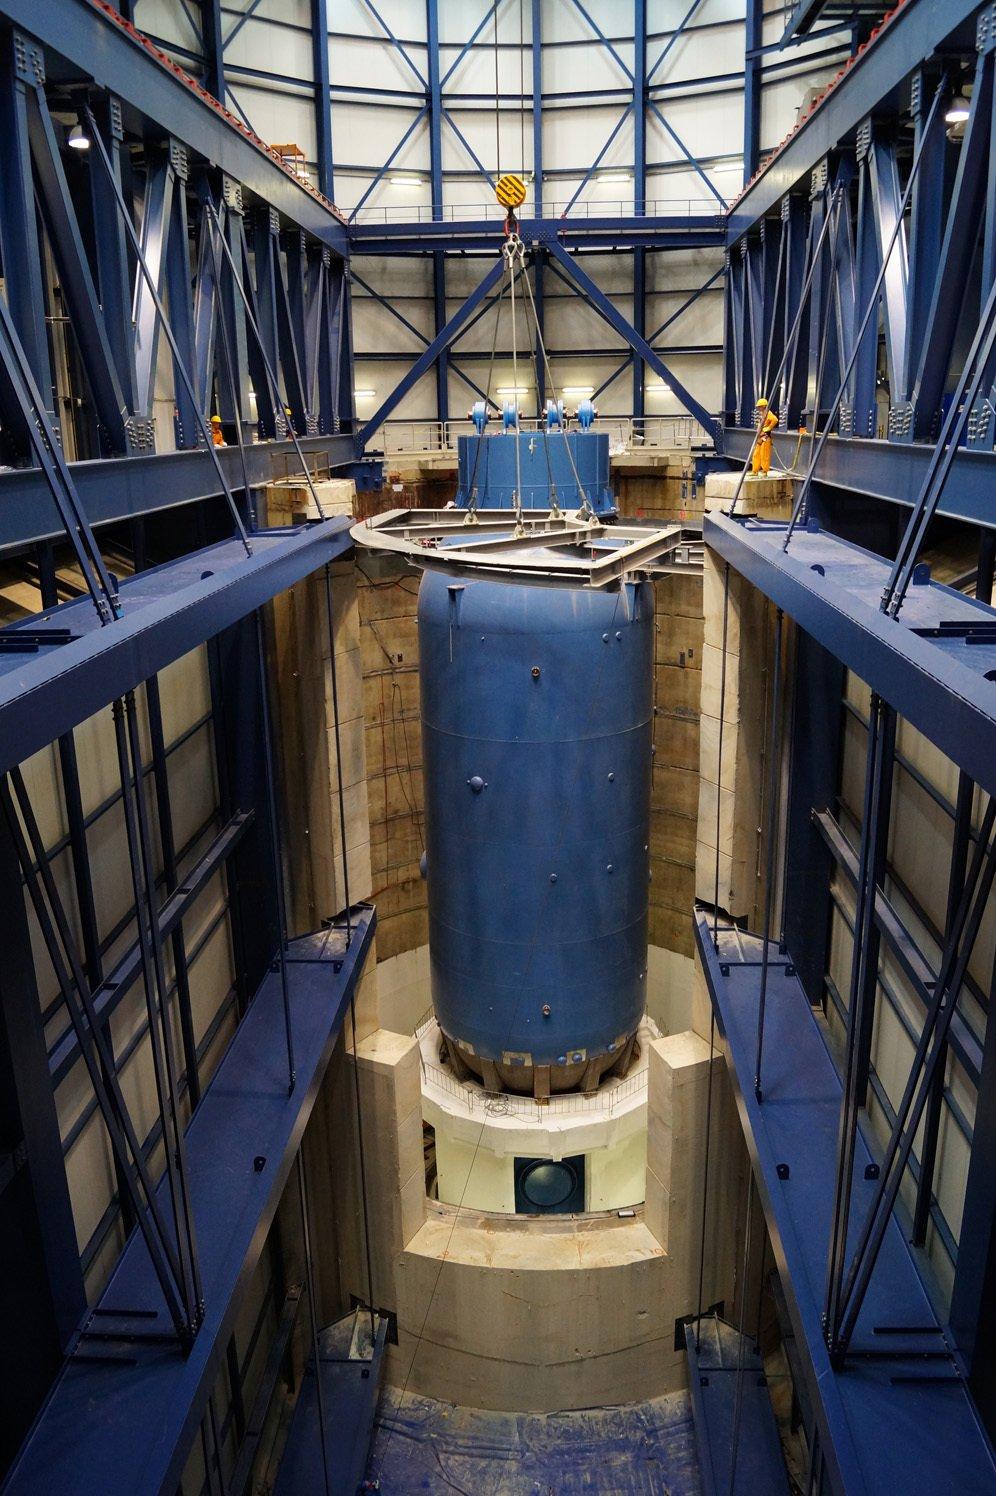 Freigelegter Reaktorbehälter des Forschungsreaktors in Jülich: Der 2100 Tonnen schwere Behälter wird nun aus dem Schutzbehälter aus Beton gehoben und auf ein spezielles Gestell gesetzt.